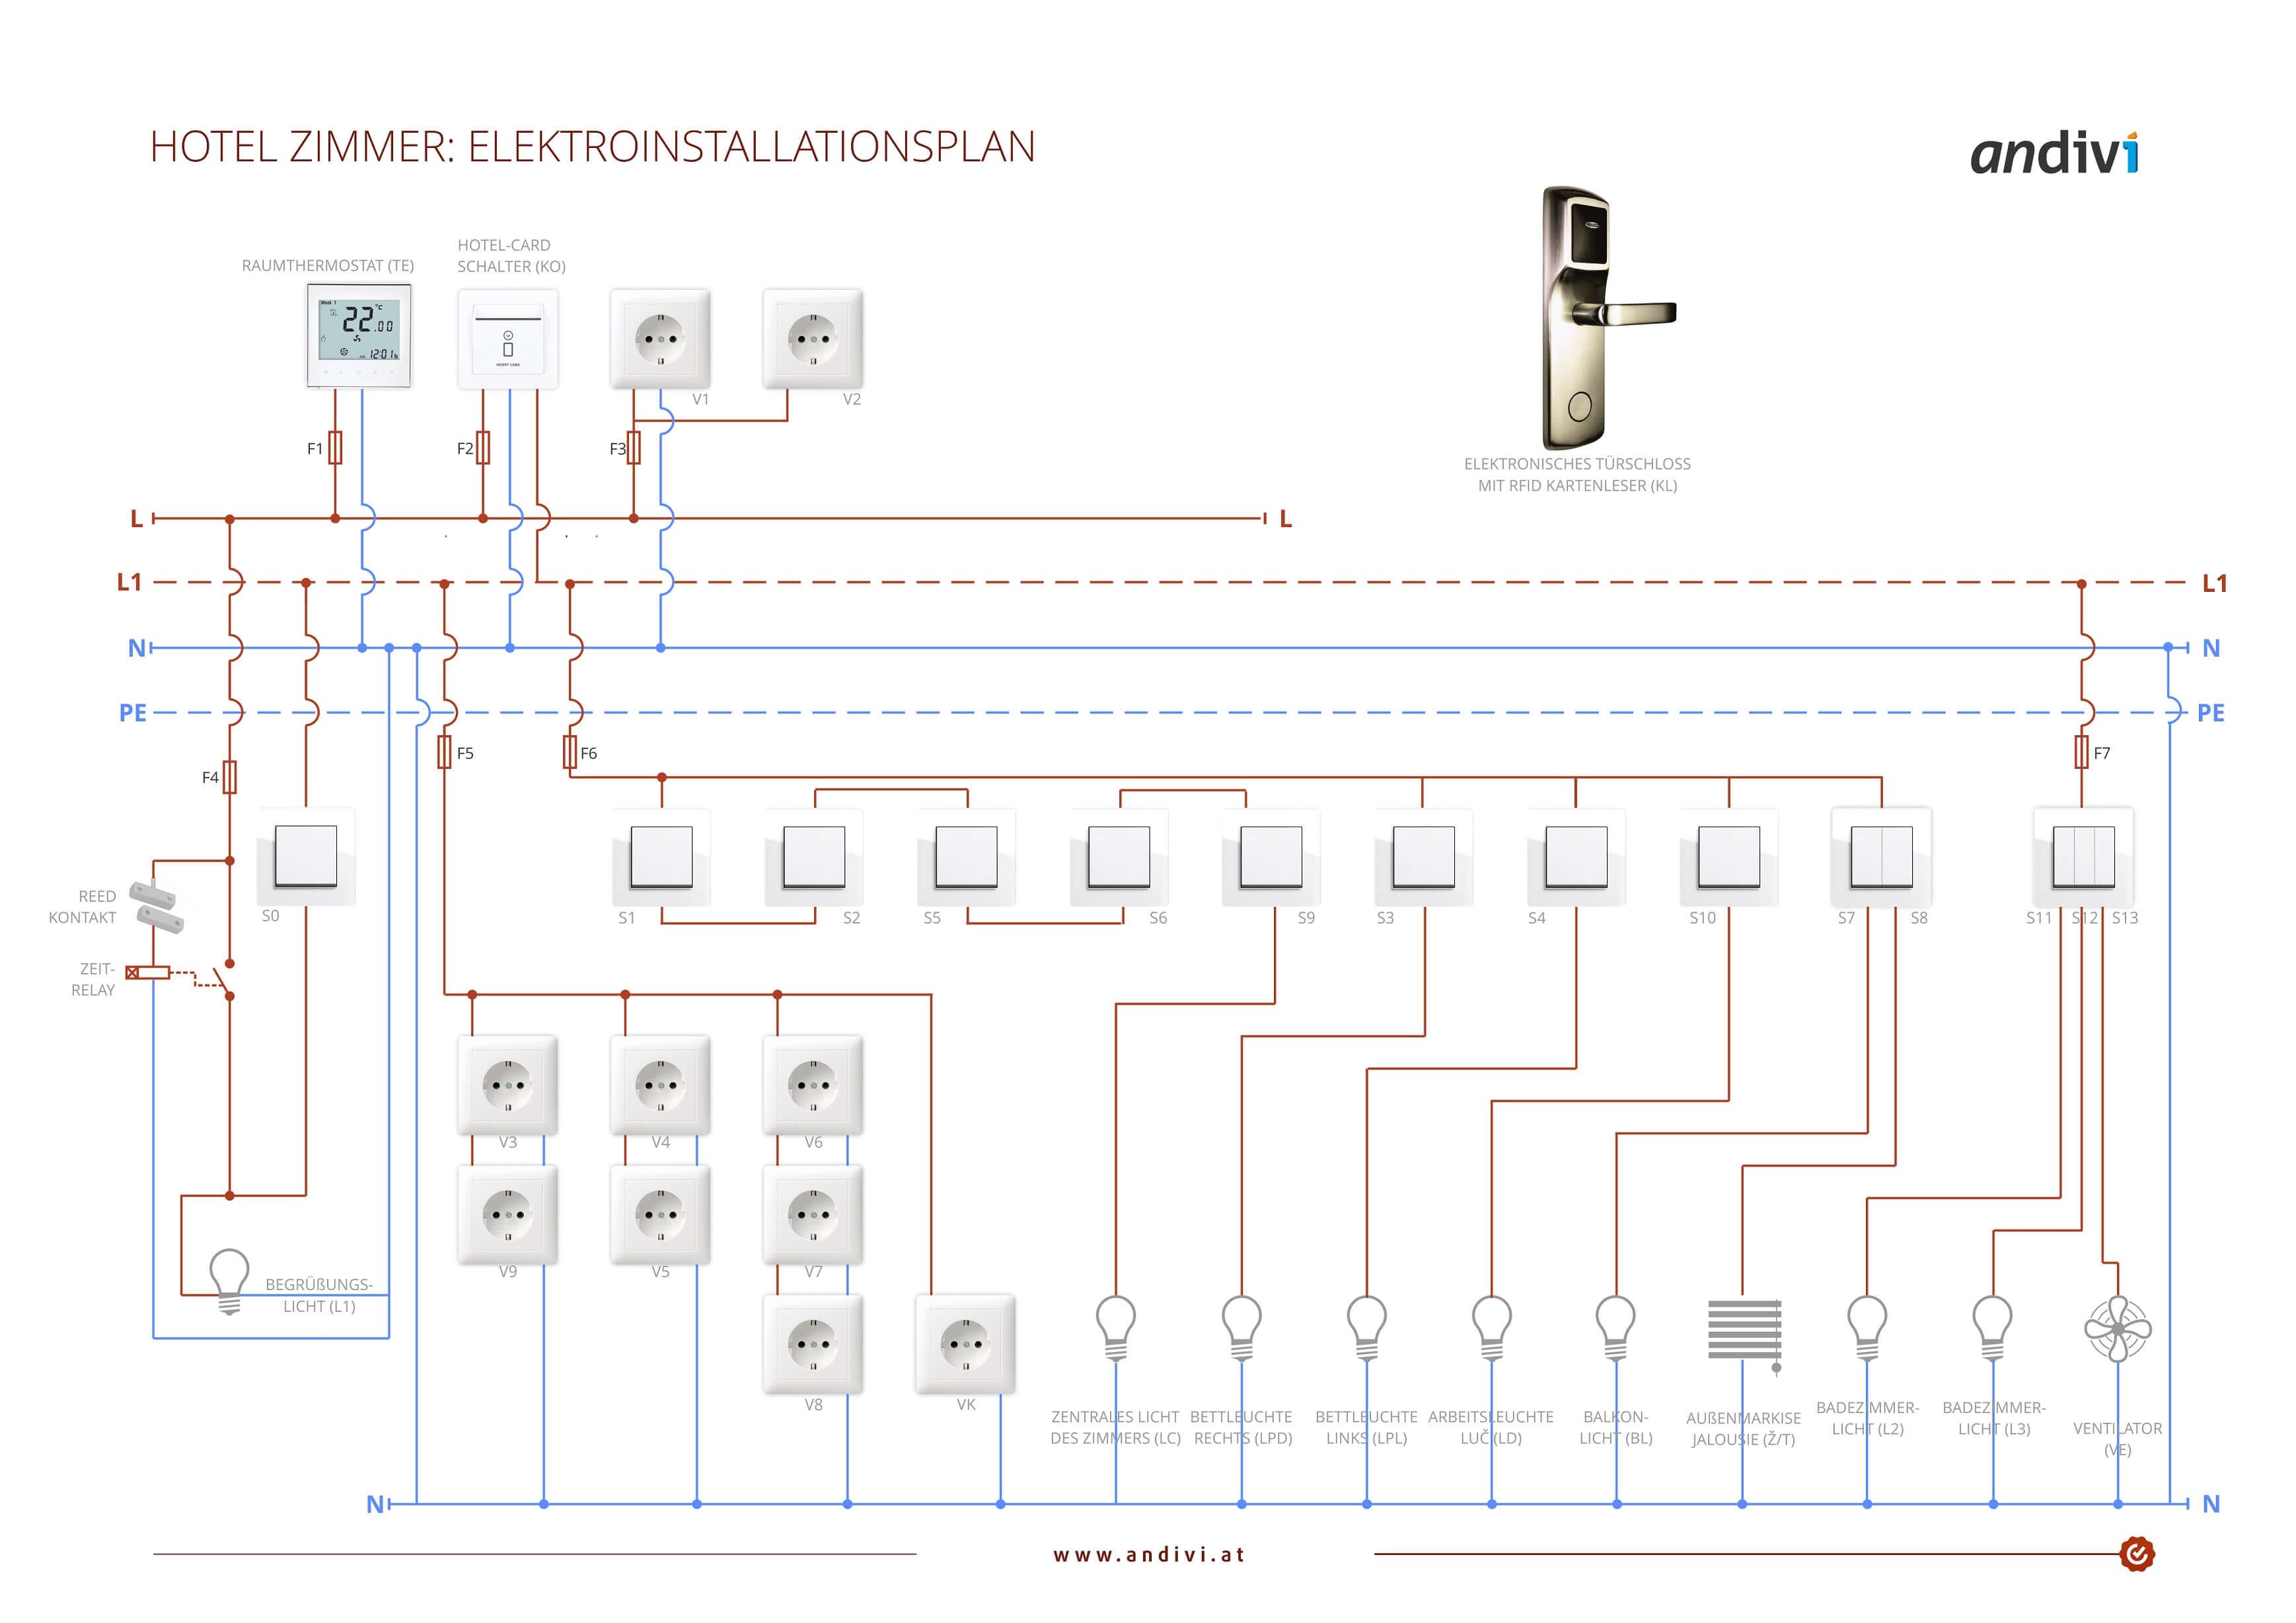 Automatisierungskonzept Elektroinstallationsplan